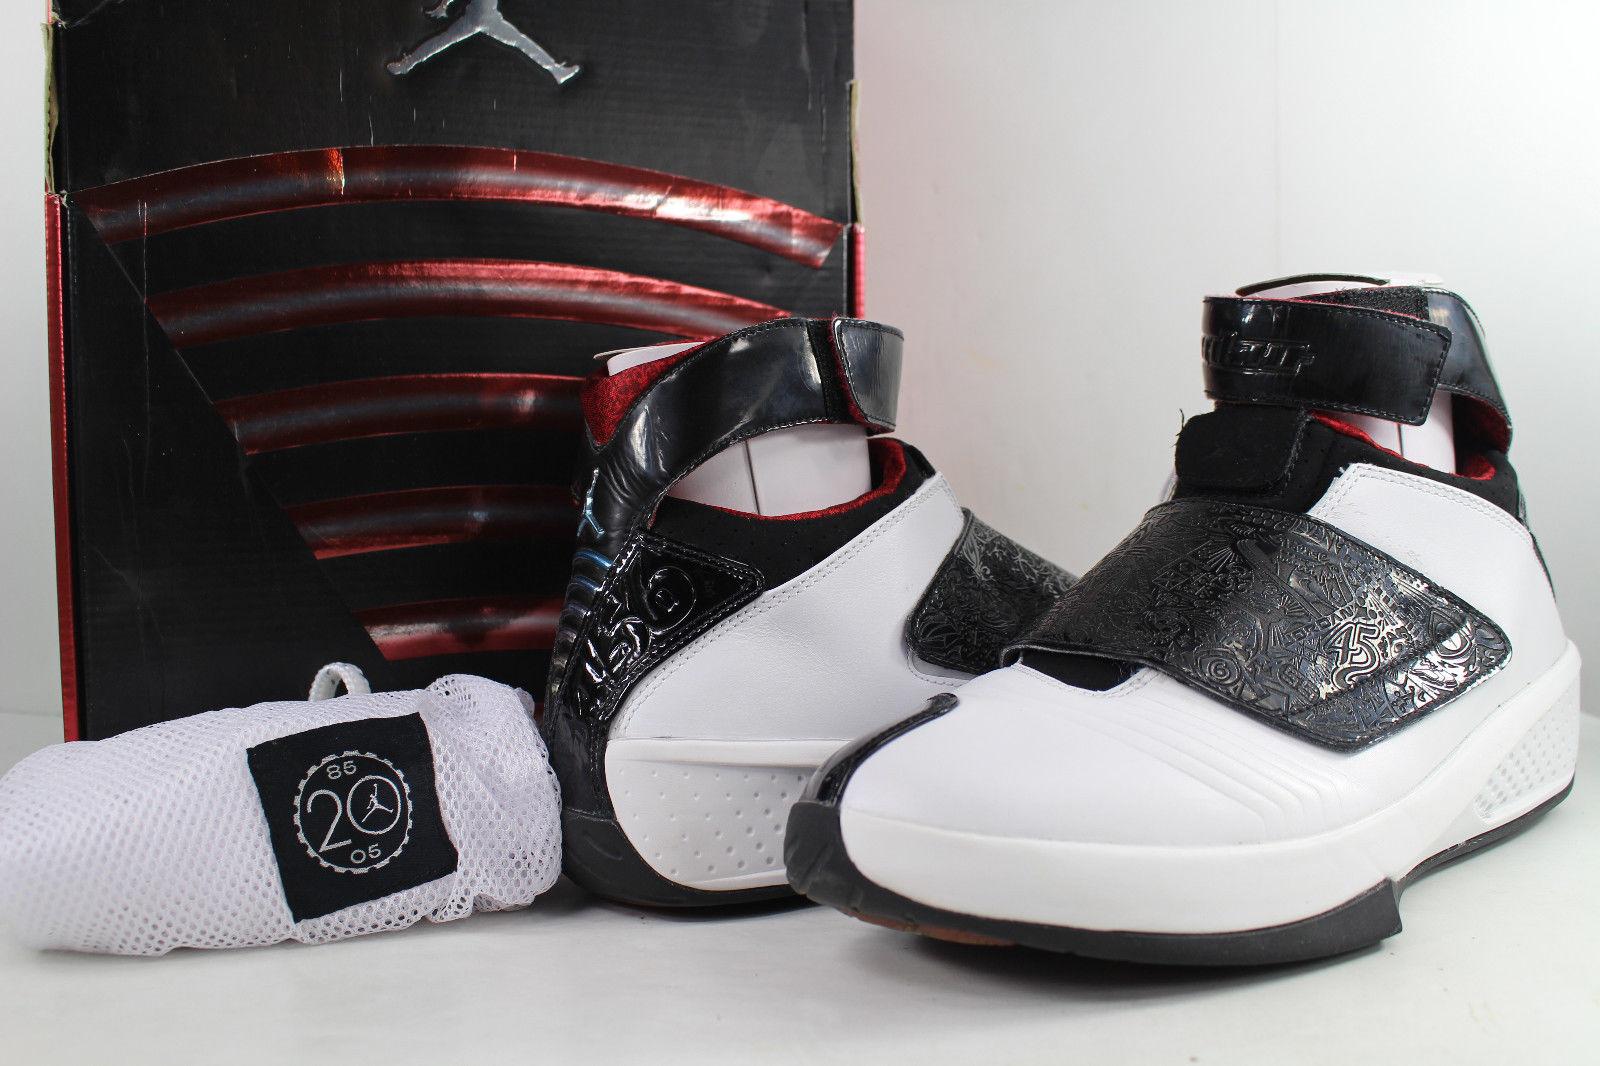 premium selection 199d5 74027 Air Jordan 20 Quickstrike Archives - Air Jordans, Release Dates   More    JordansDaily.com